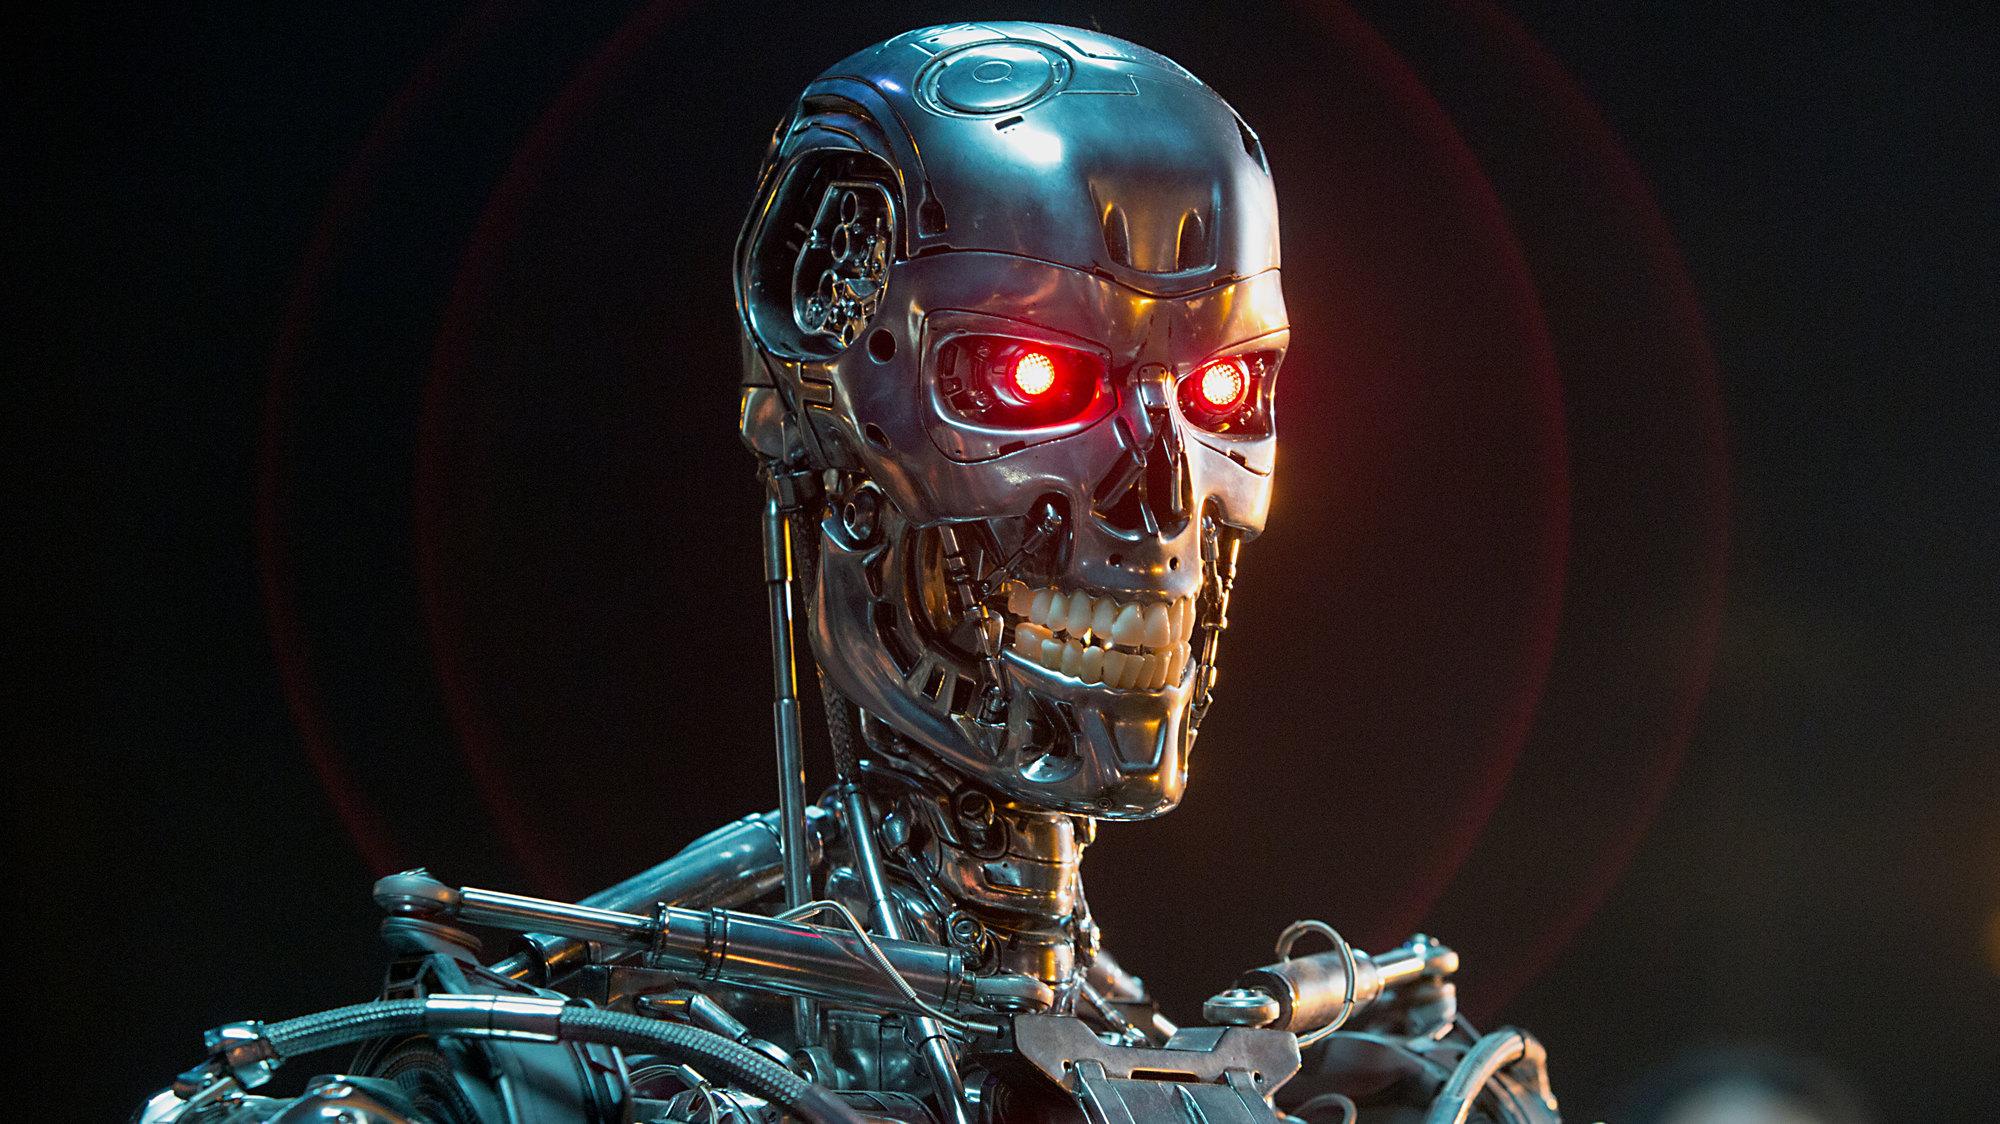 Terminátor 6: Sarah Connor a nová postava v kostýmech   Fandíme filmu